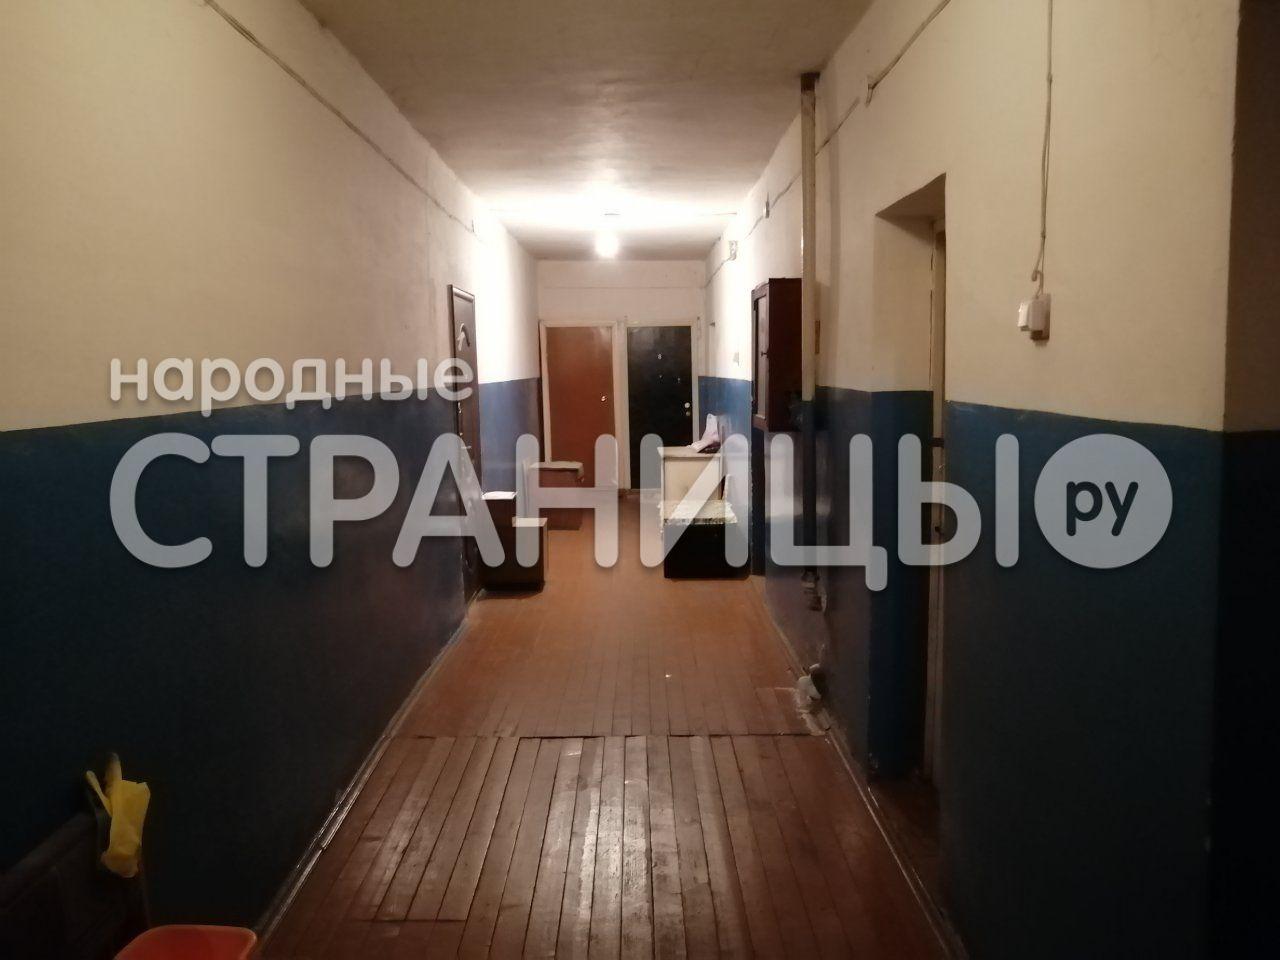 Комната в 1-к кв. 1 этаж, 24.0 кв.м.